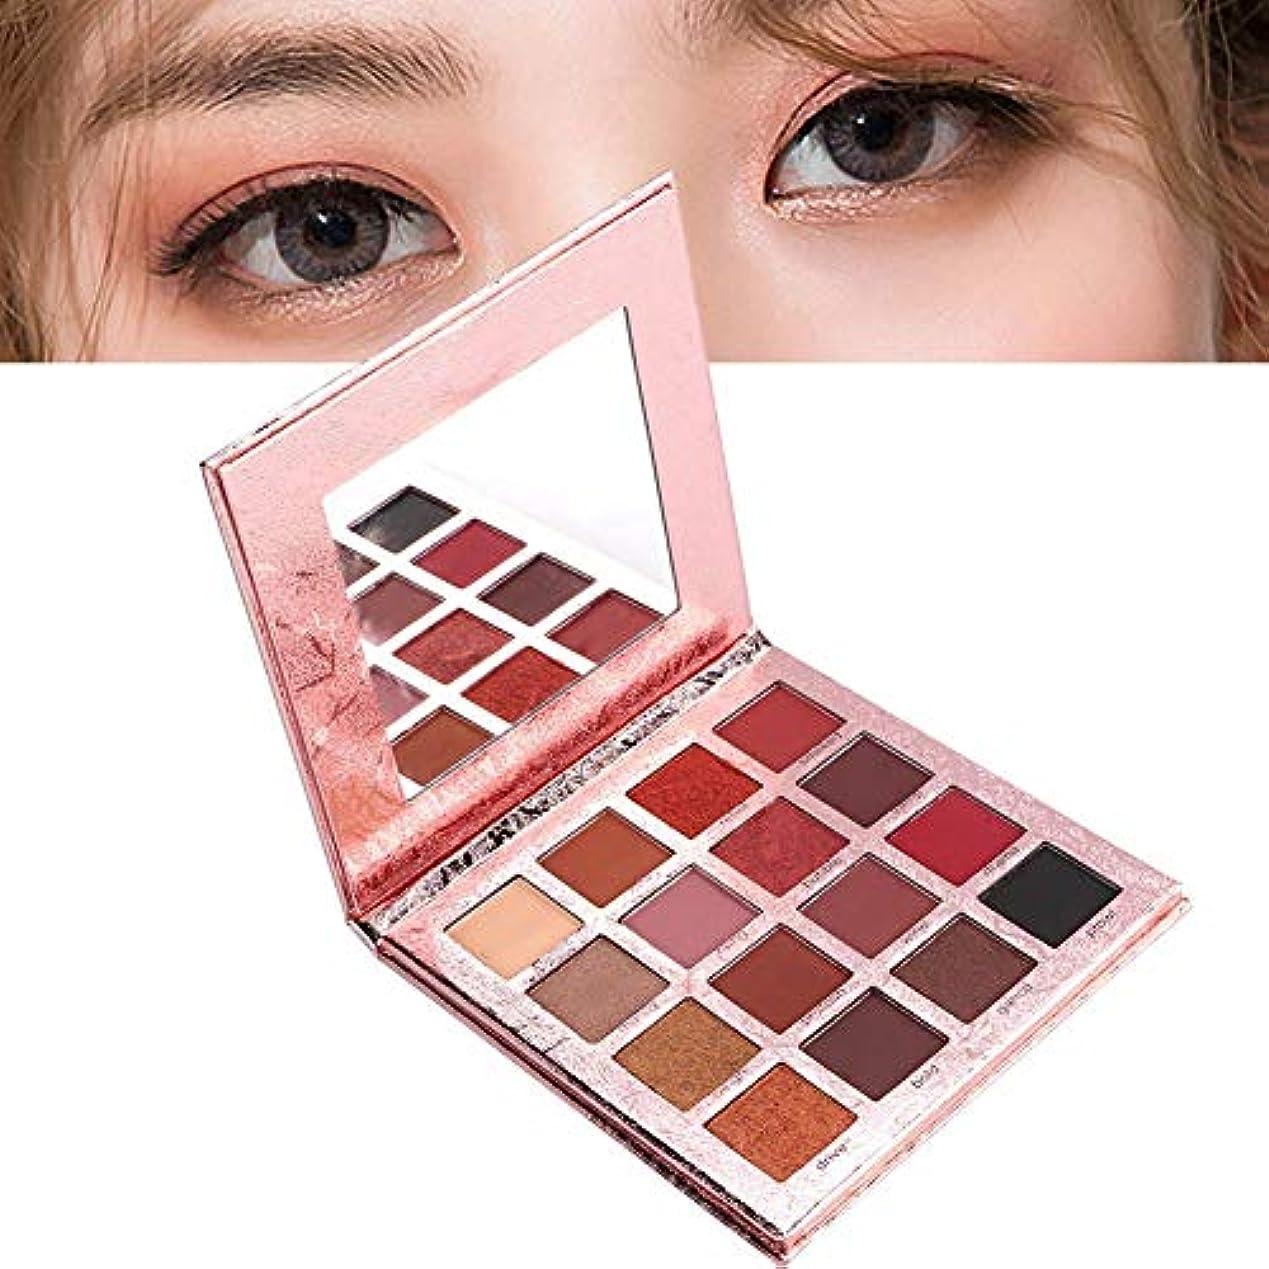 アイシャドウパレット 化粧マット 化粧品ツール 16色 グロス アイシャドウパウダー